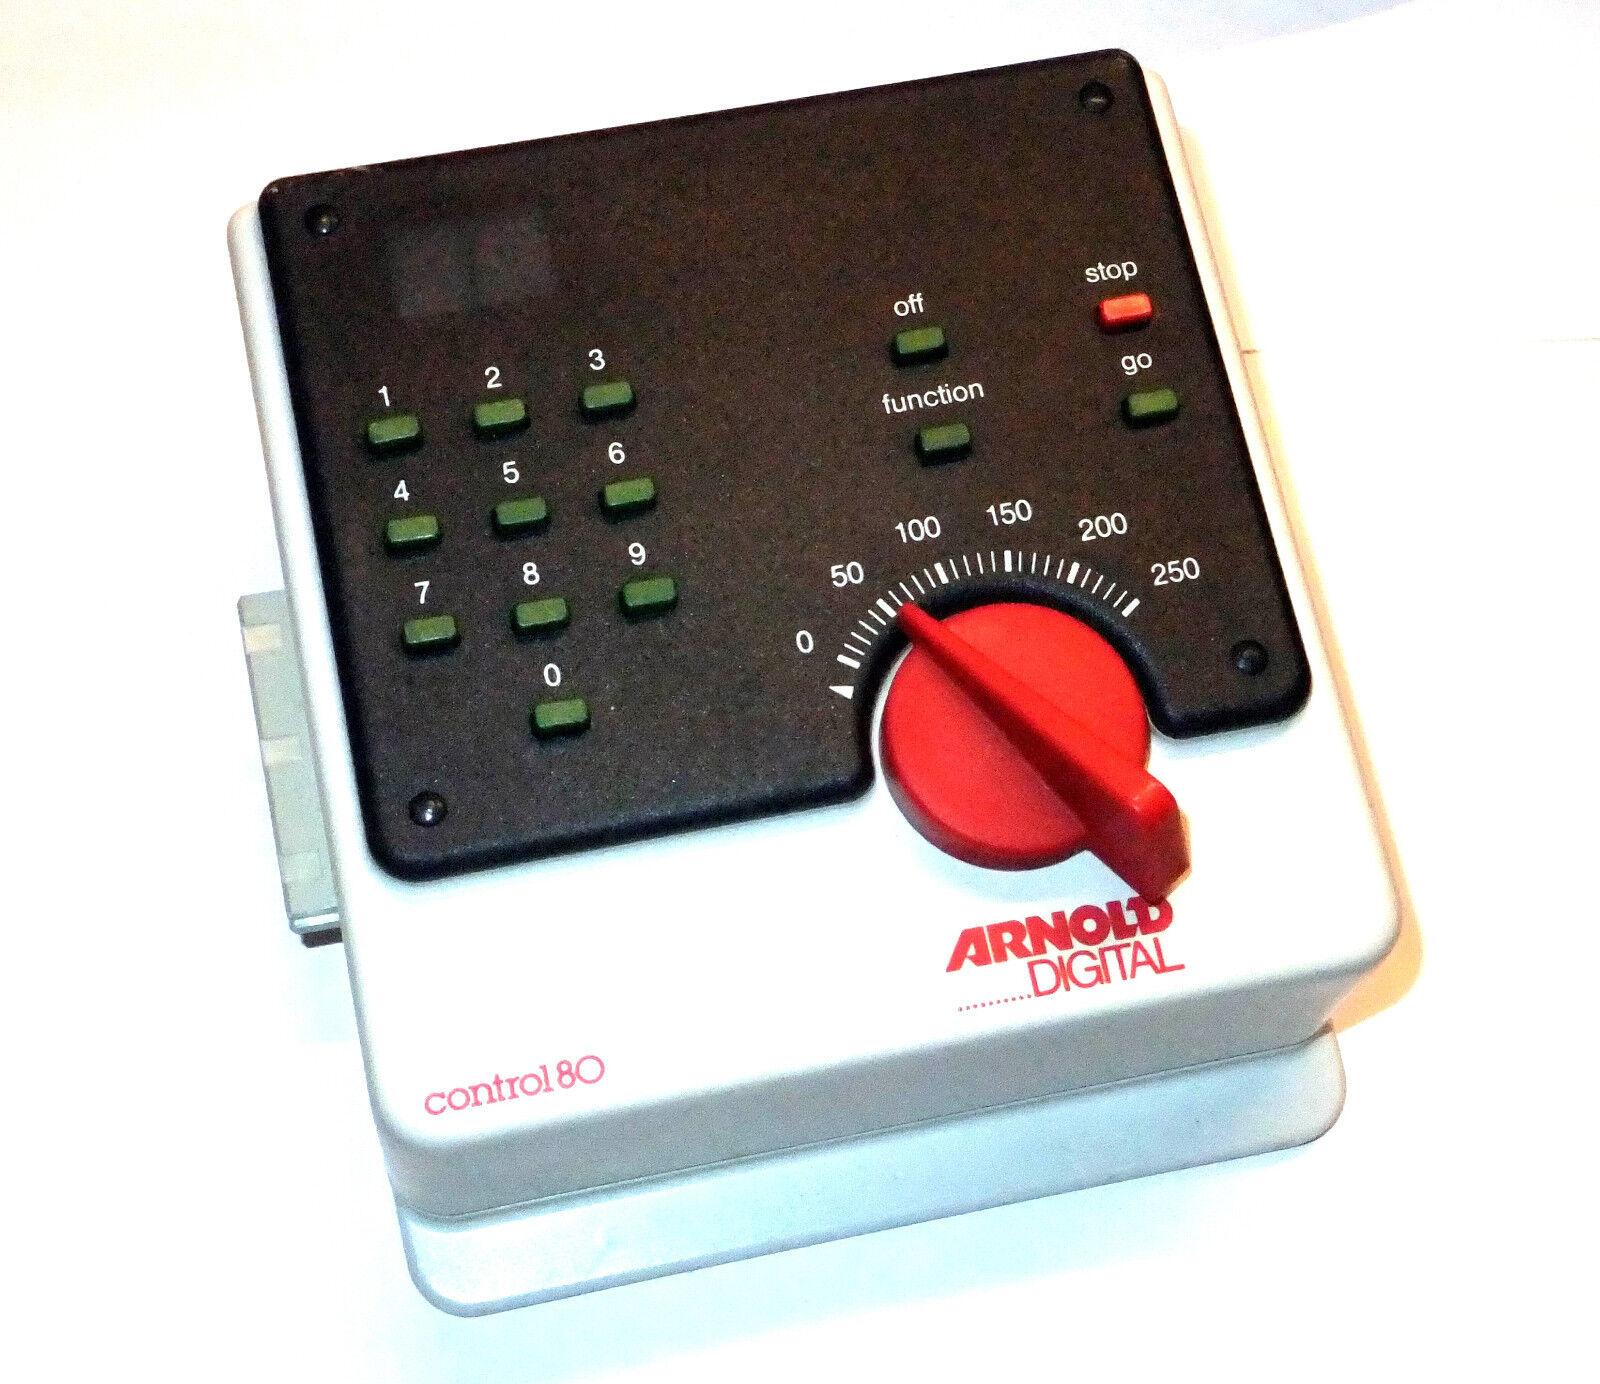 86035 Arnold Digital Control 80